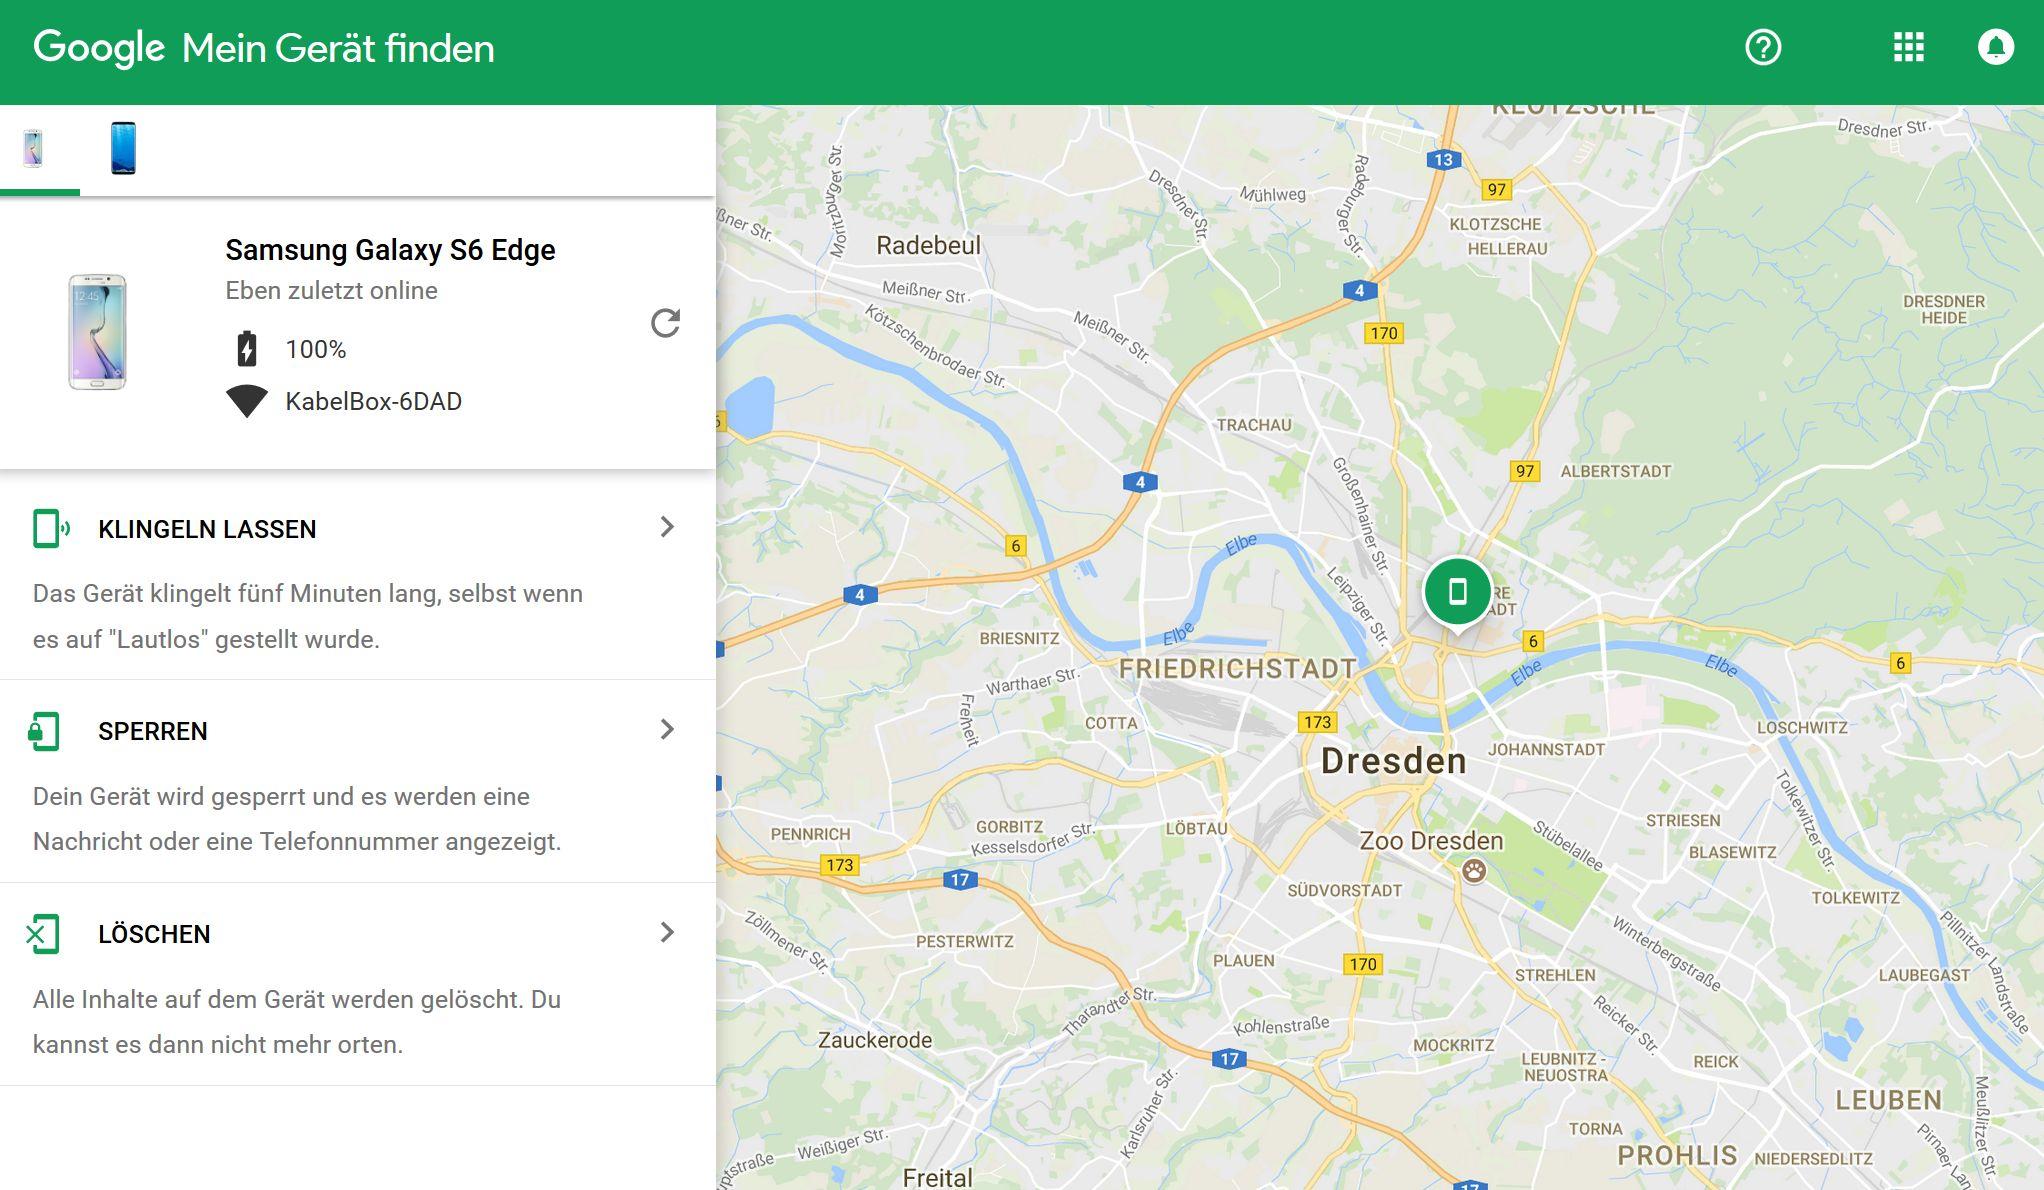 Handy orten mit Apps von Drittanbietern